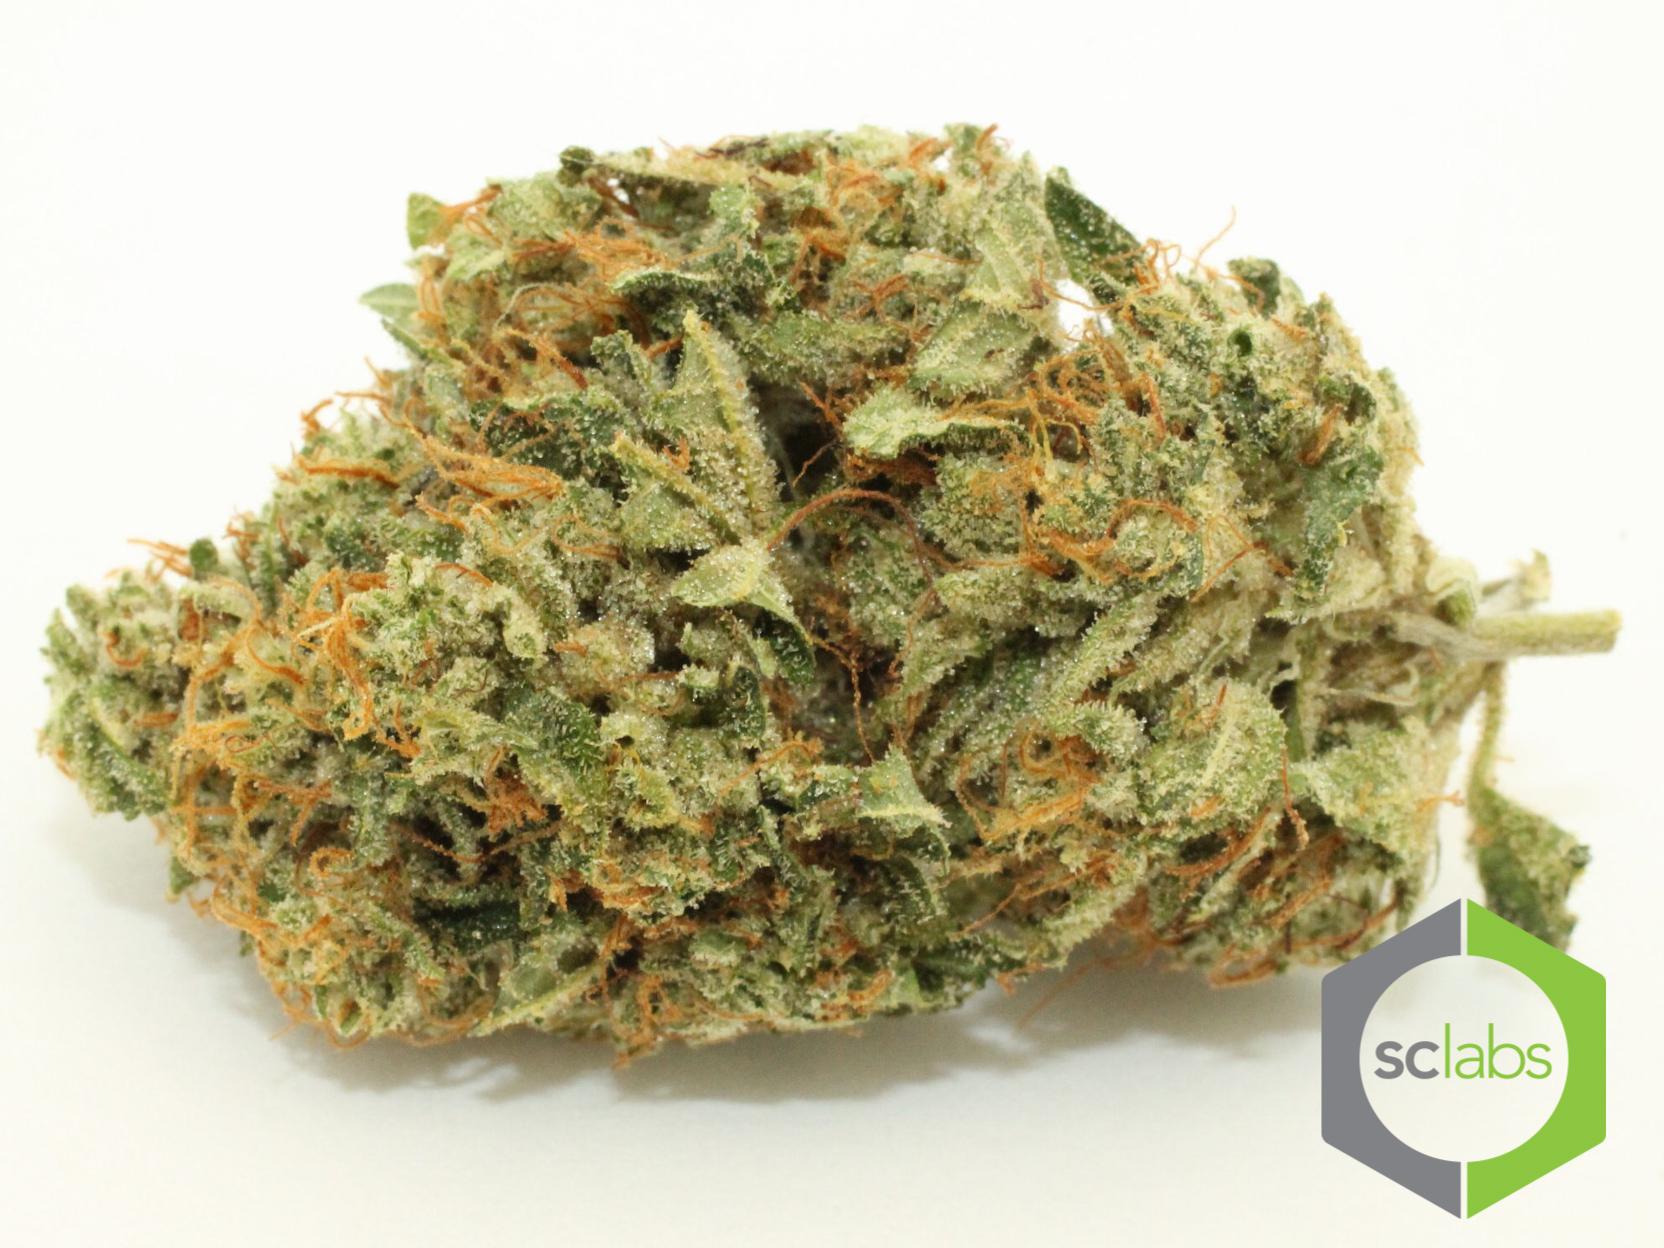 skywalker-weed